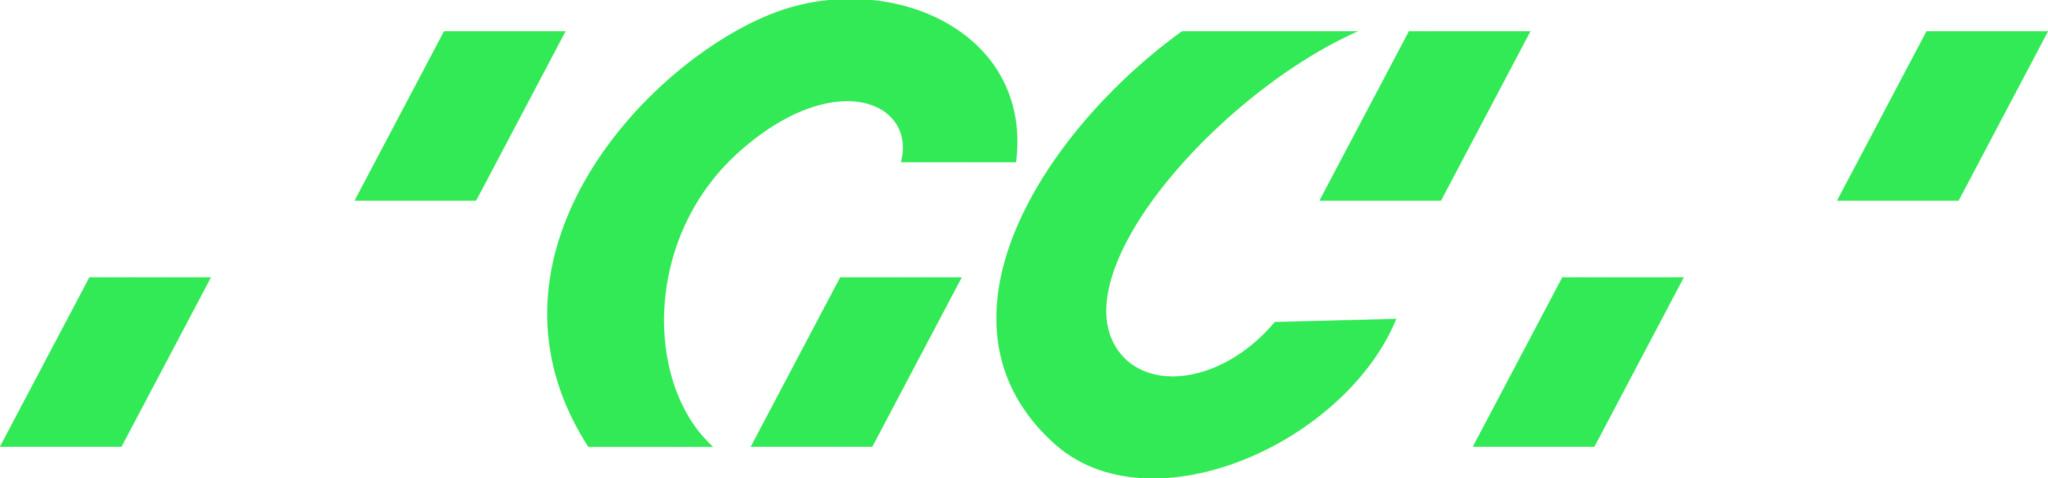 gc_logo_CMYK